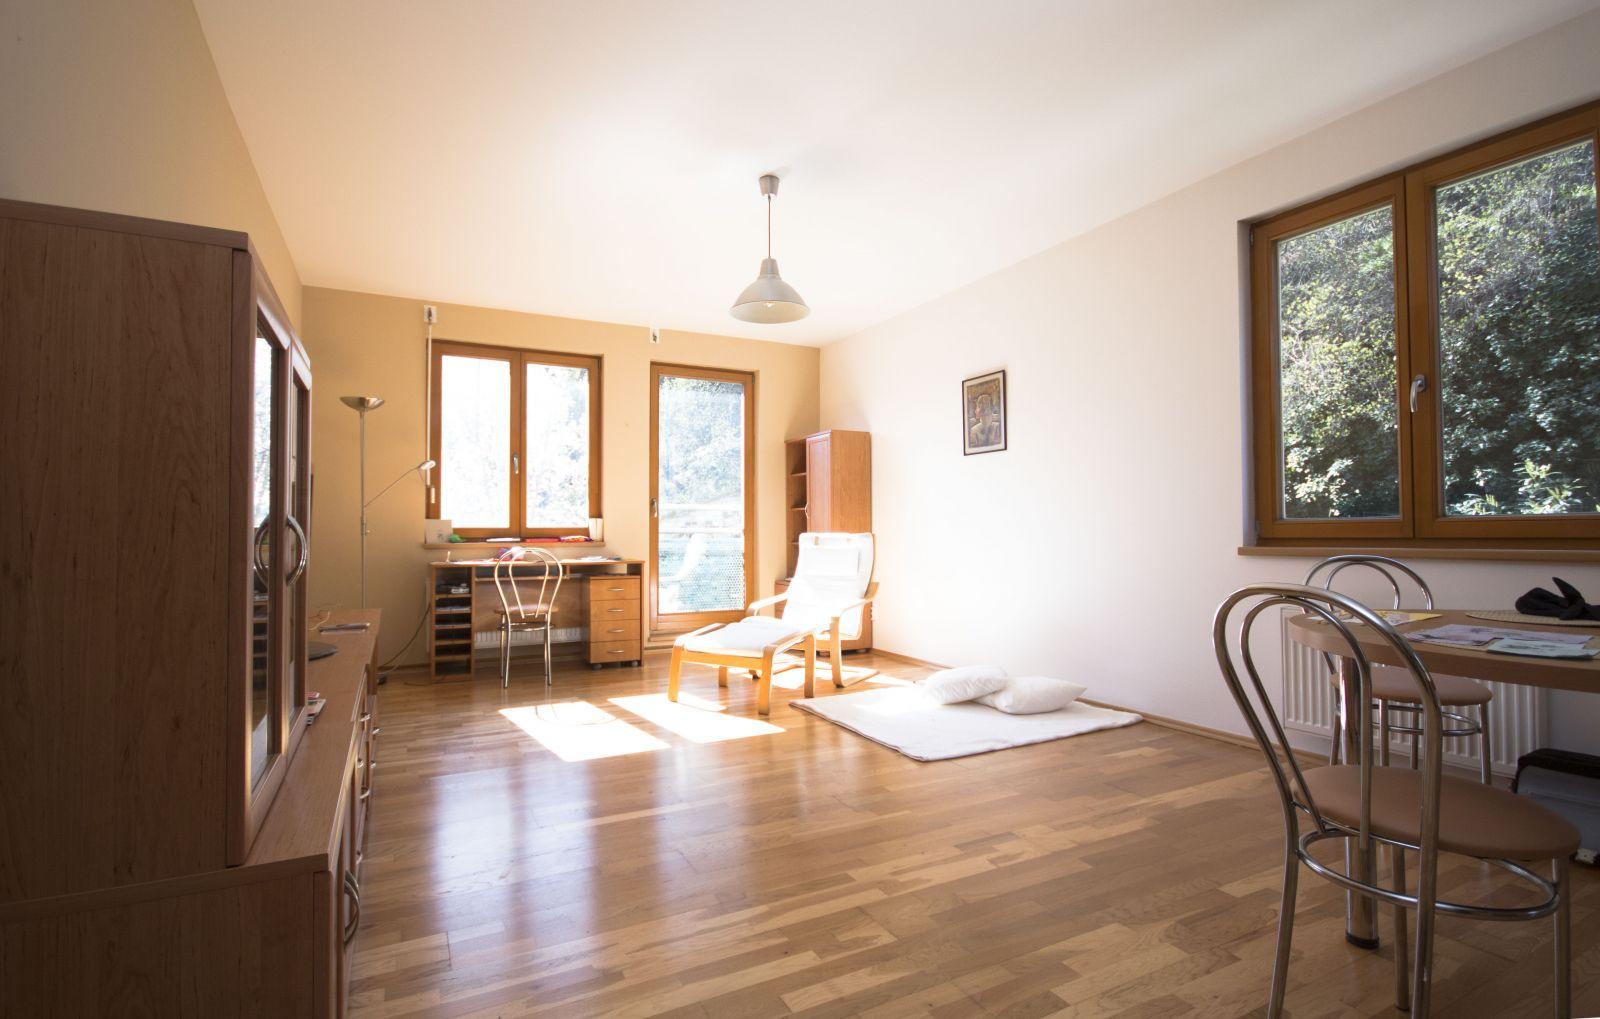 Pronájem hezkého bytu 2+kk, 66m2,  Praha 2 Vyšehrad, částečně zařízený, garážové stání